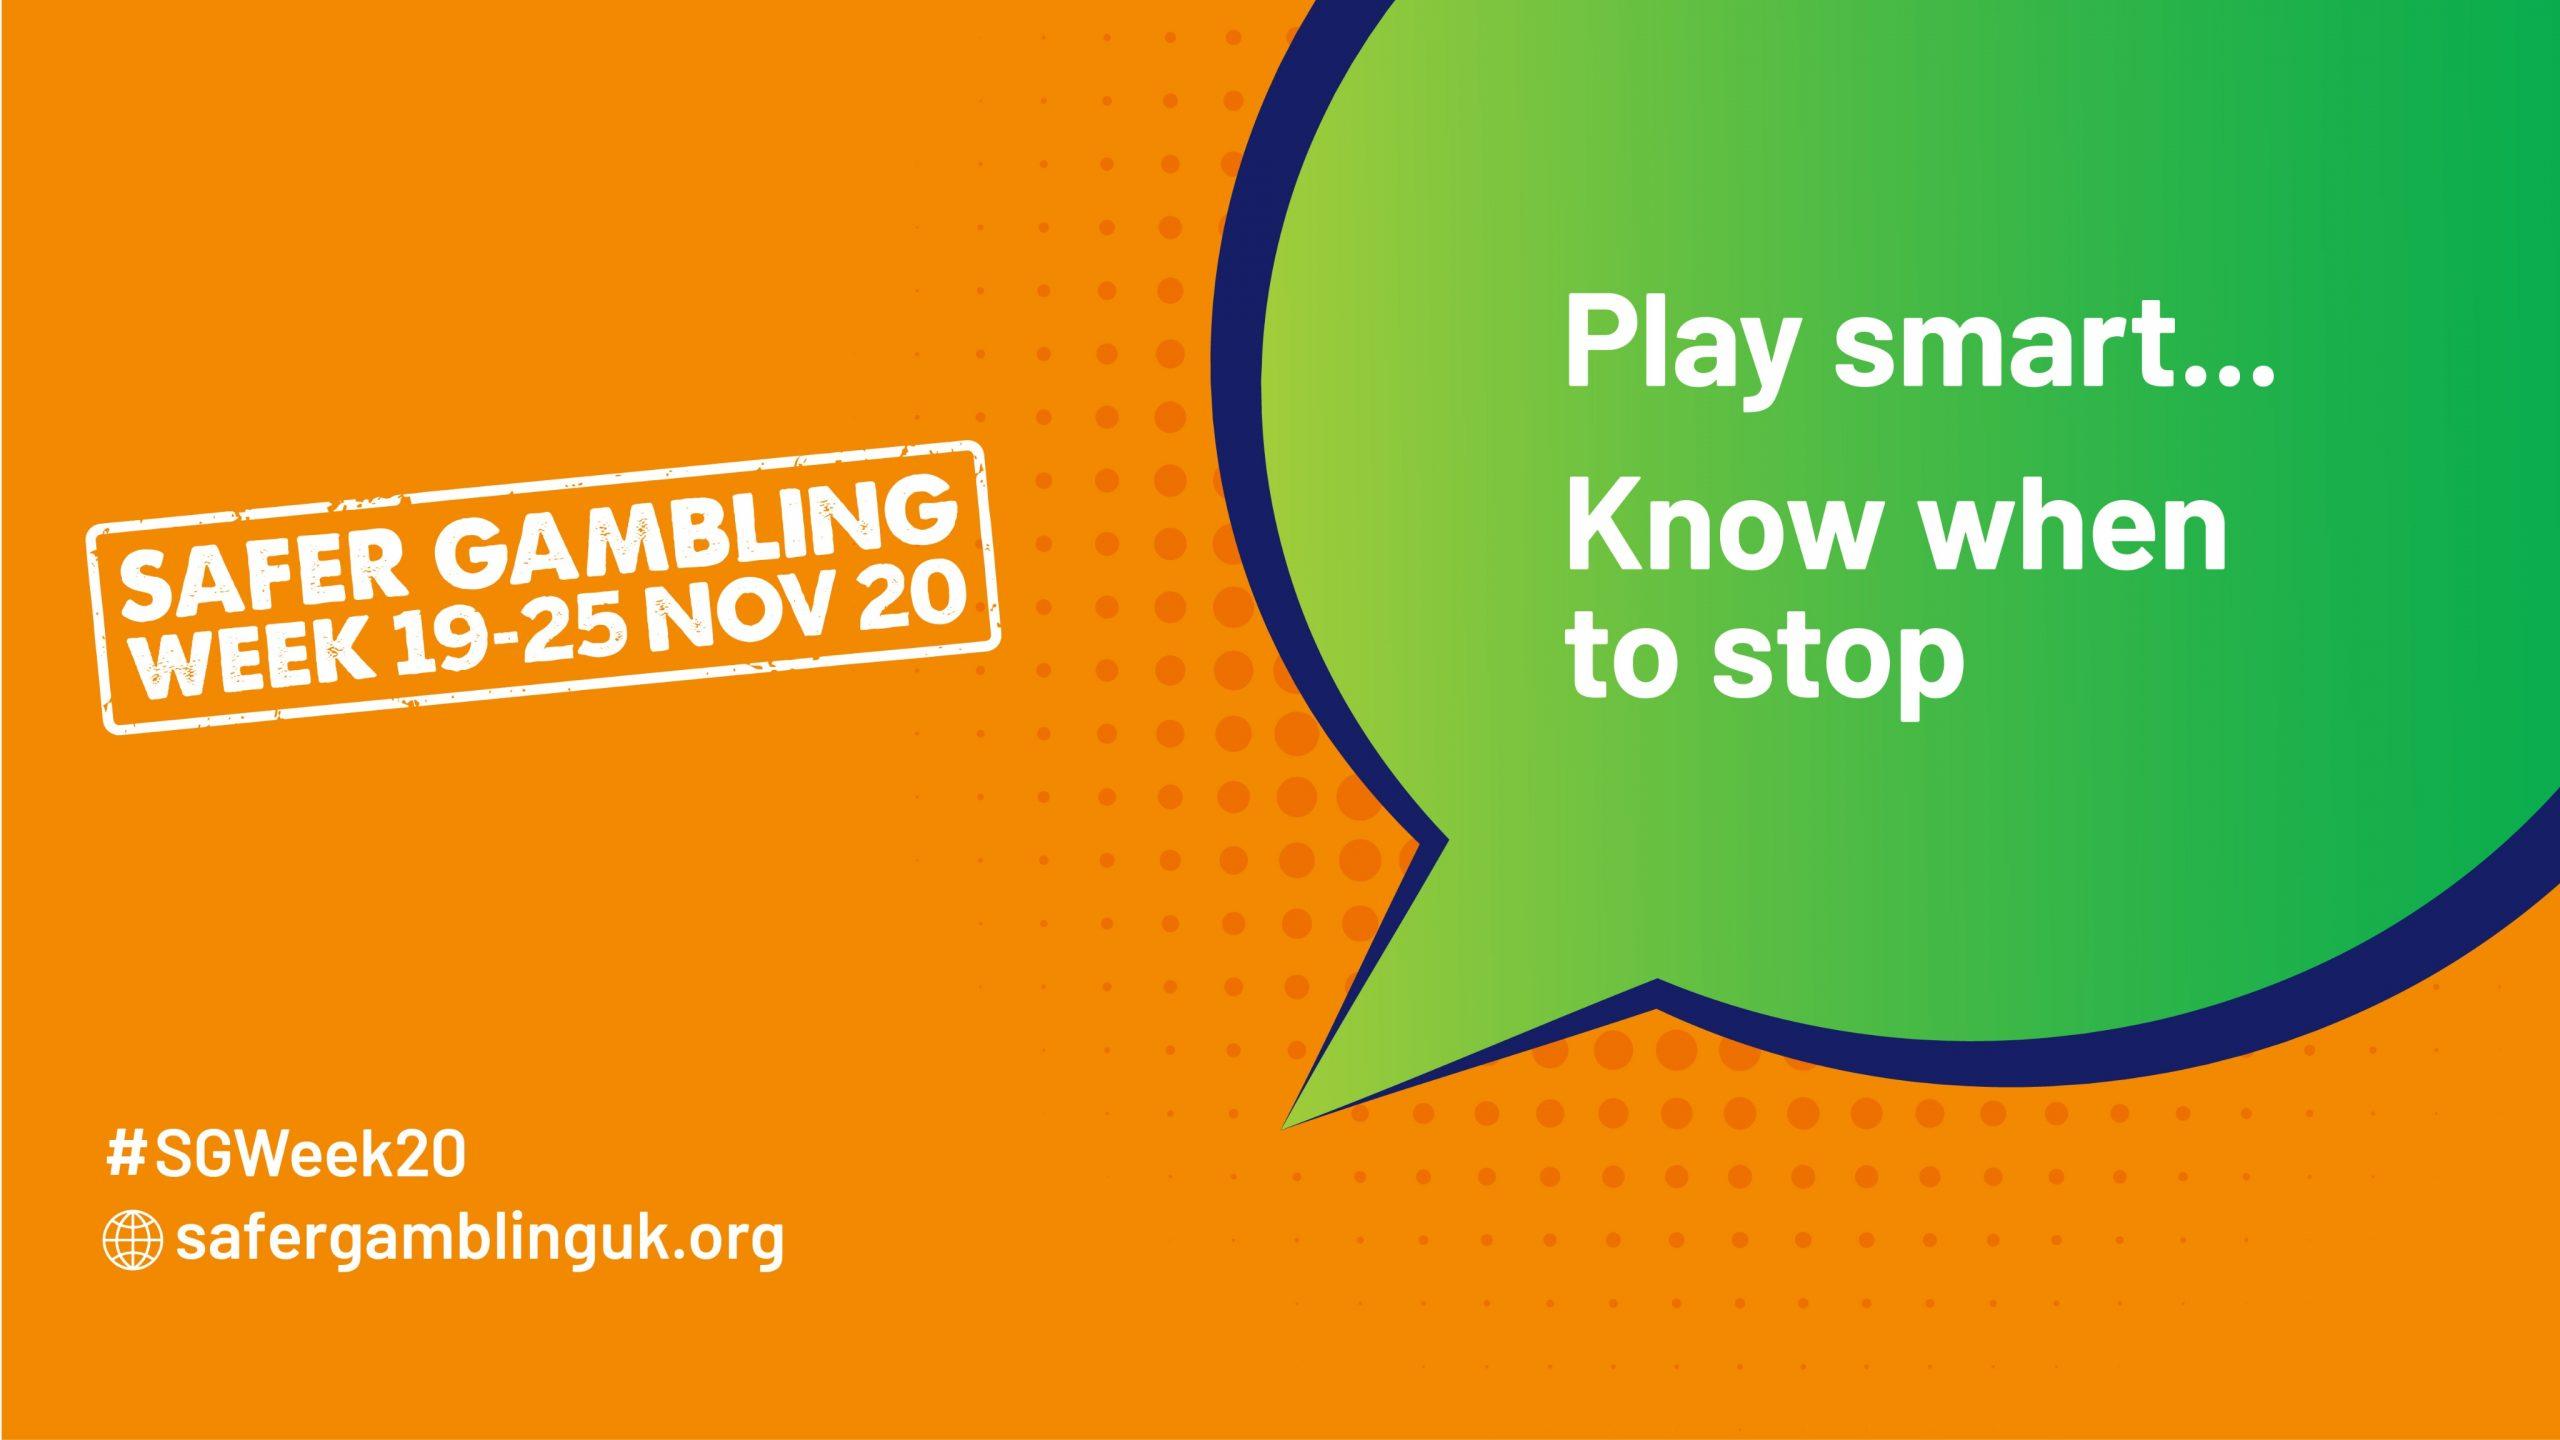 safer gambling week